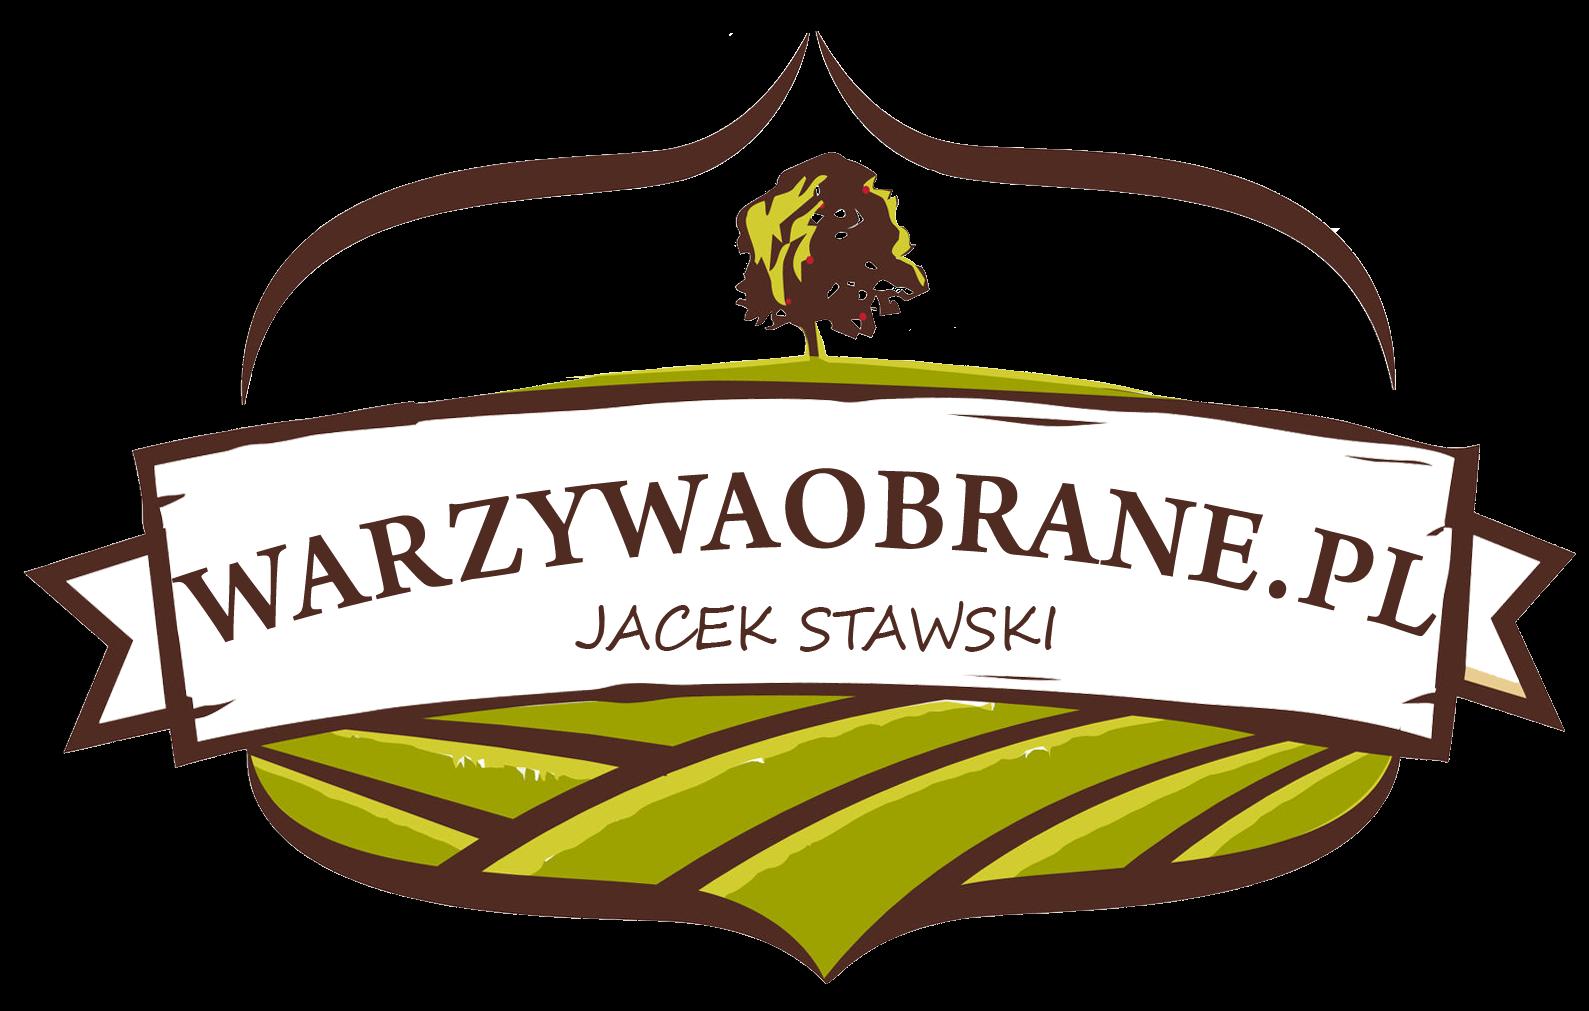 Warzywaobrane Jacek Stawski